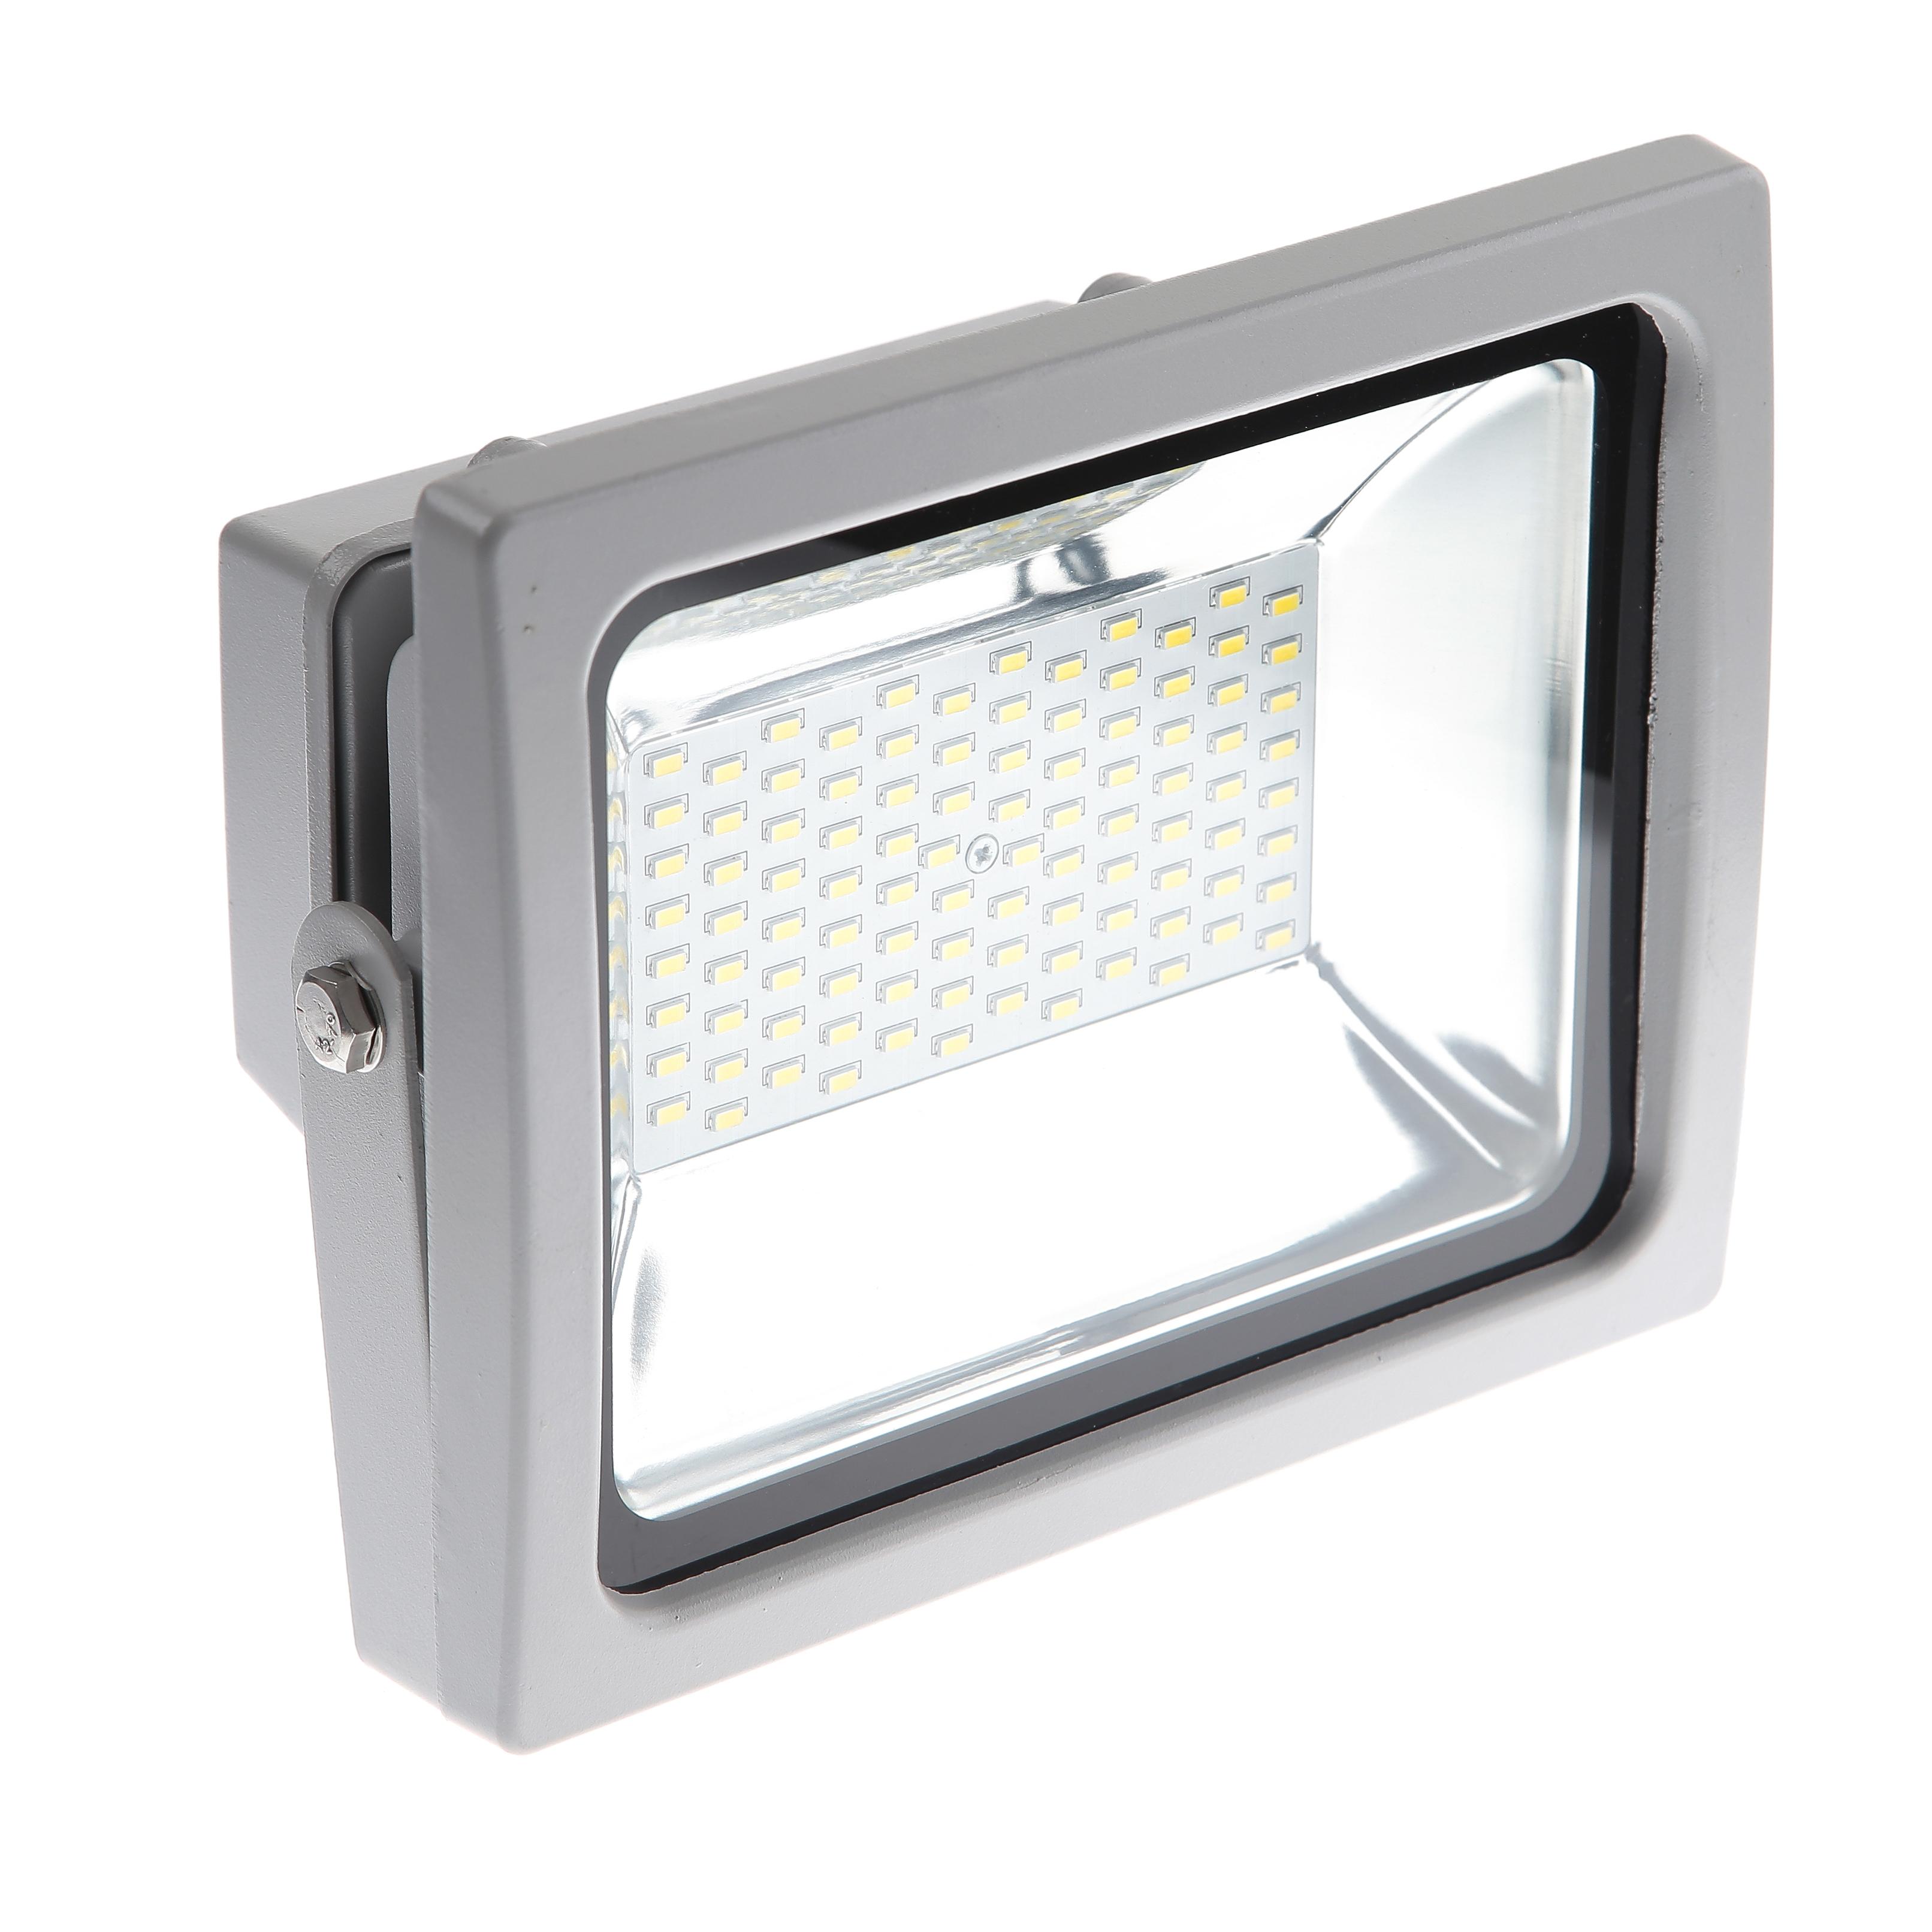 где купить Прожектор светодиодный Uniel Ulf-s04-50w/nw дешево